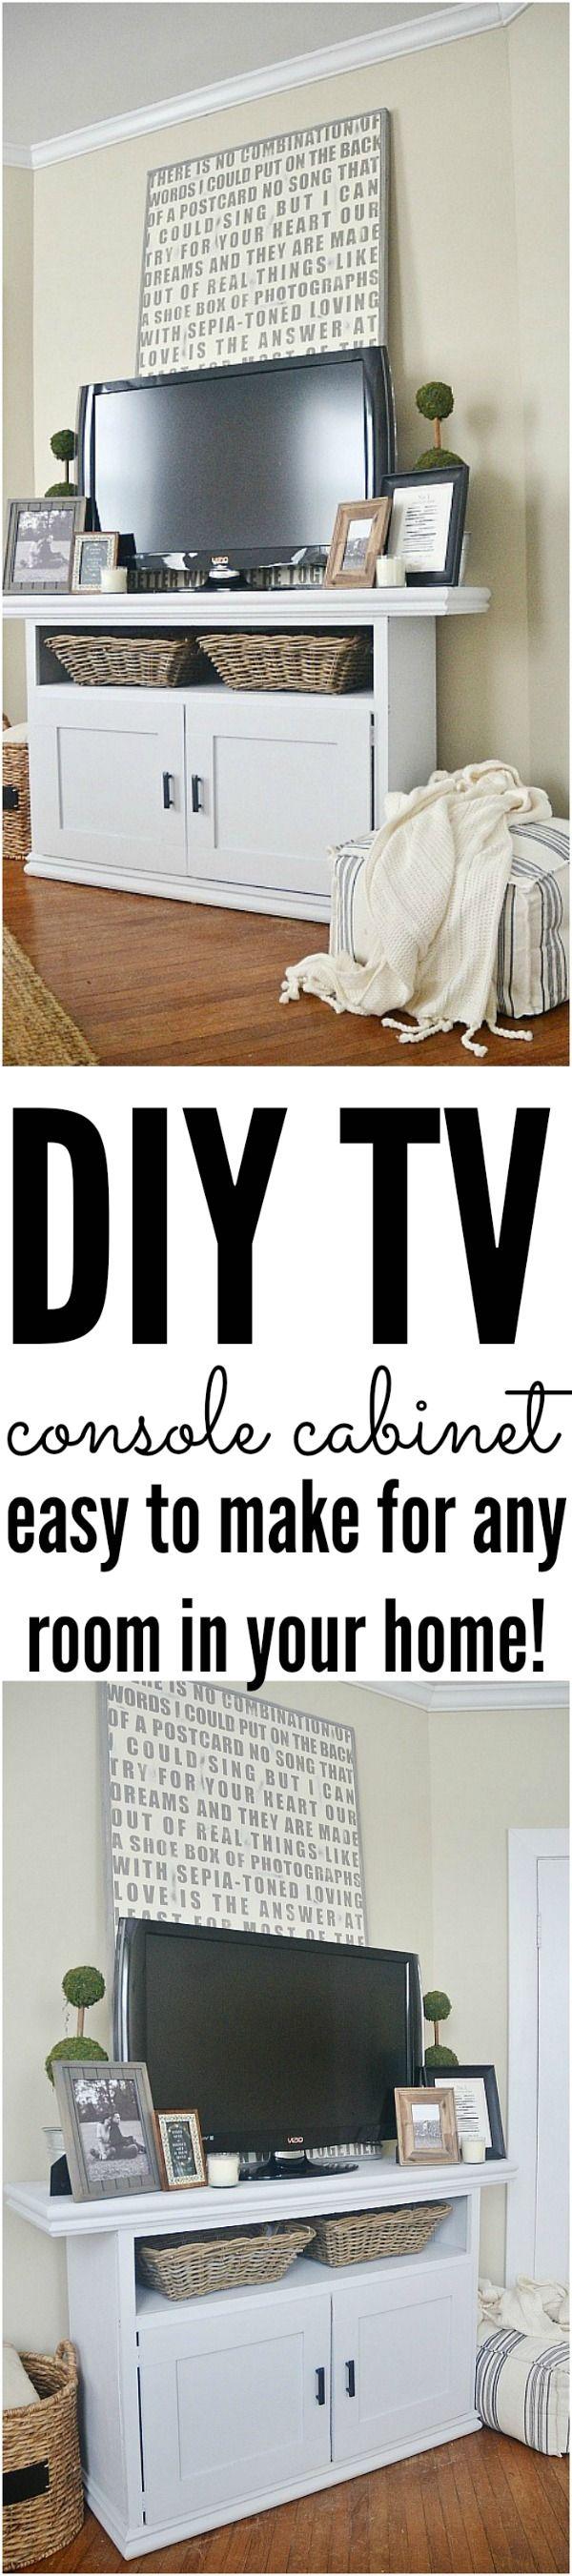 DIY TV console cabinet - easy to make for any room! - lizmarieblog.com